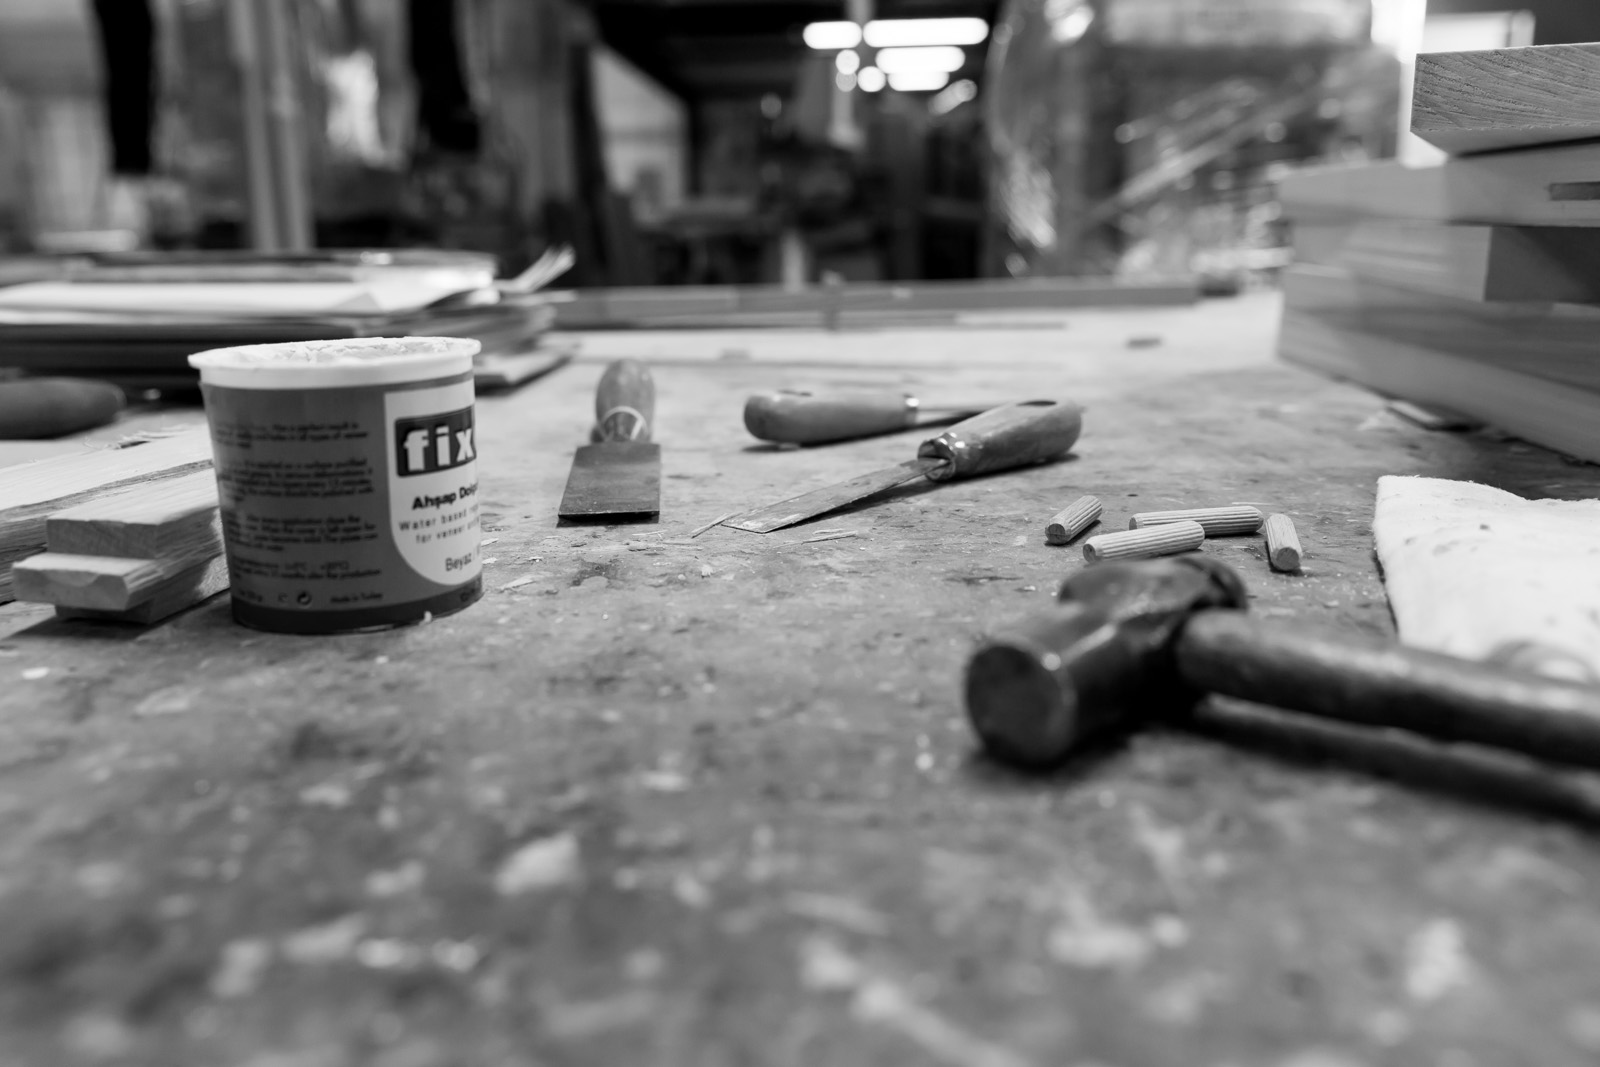 Workshop, Carpentry, Carpentry workshop